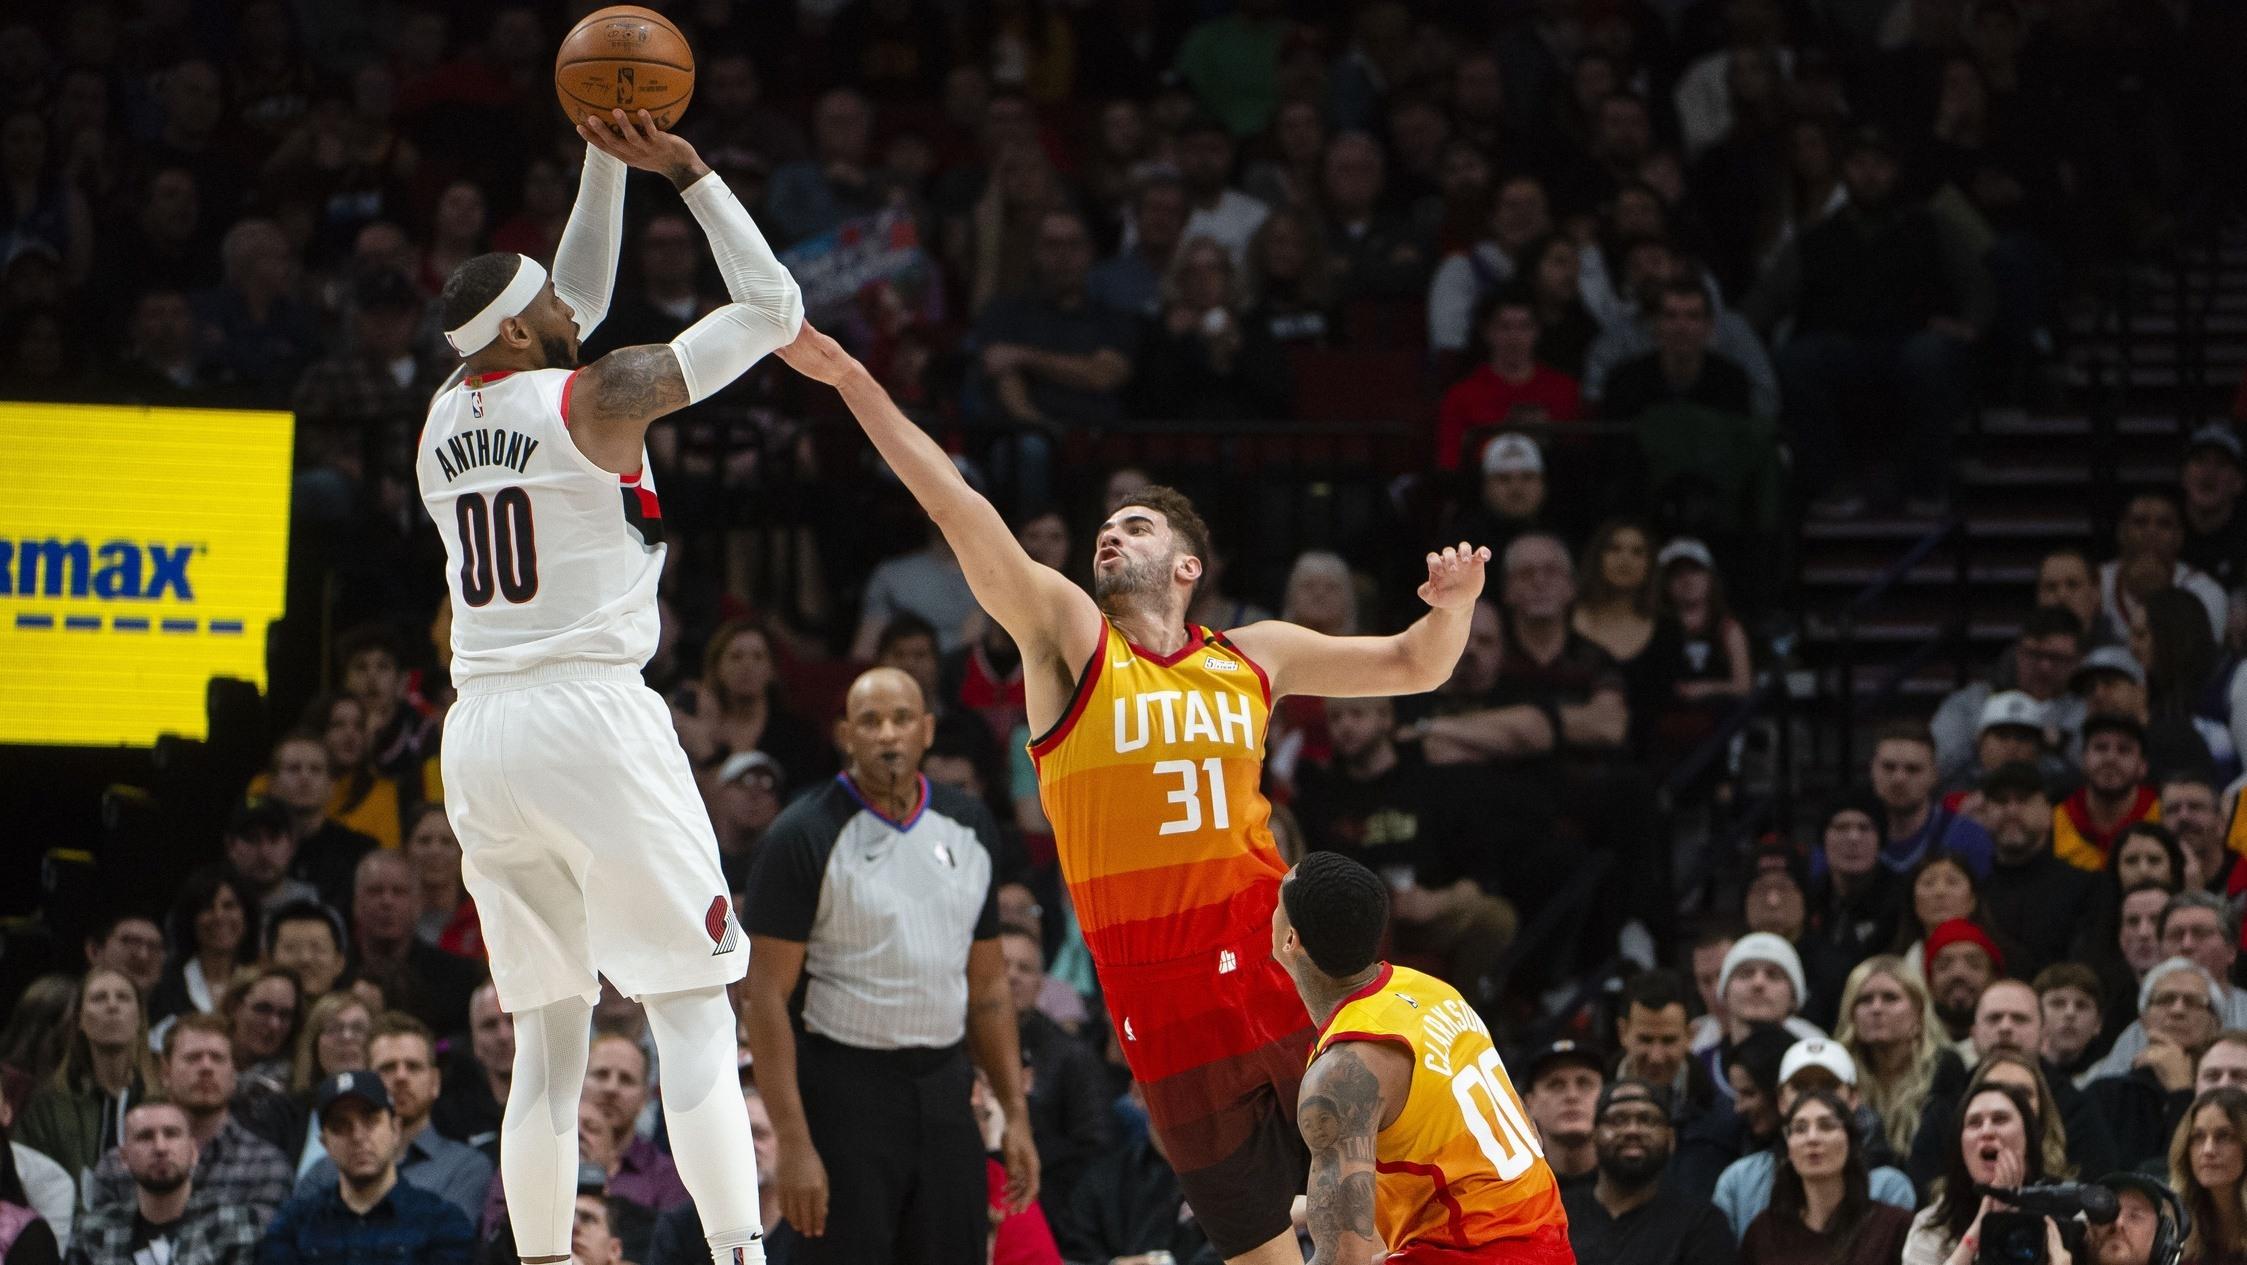 【原声回放】爵士vs开拓者第2节 利拉德单挑米切尔三分飙中_NBA全场回放